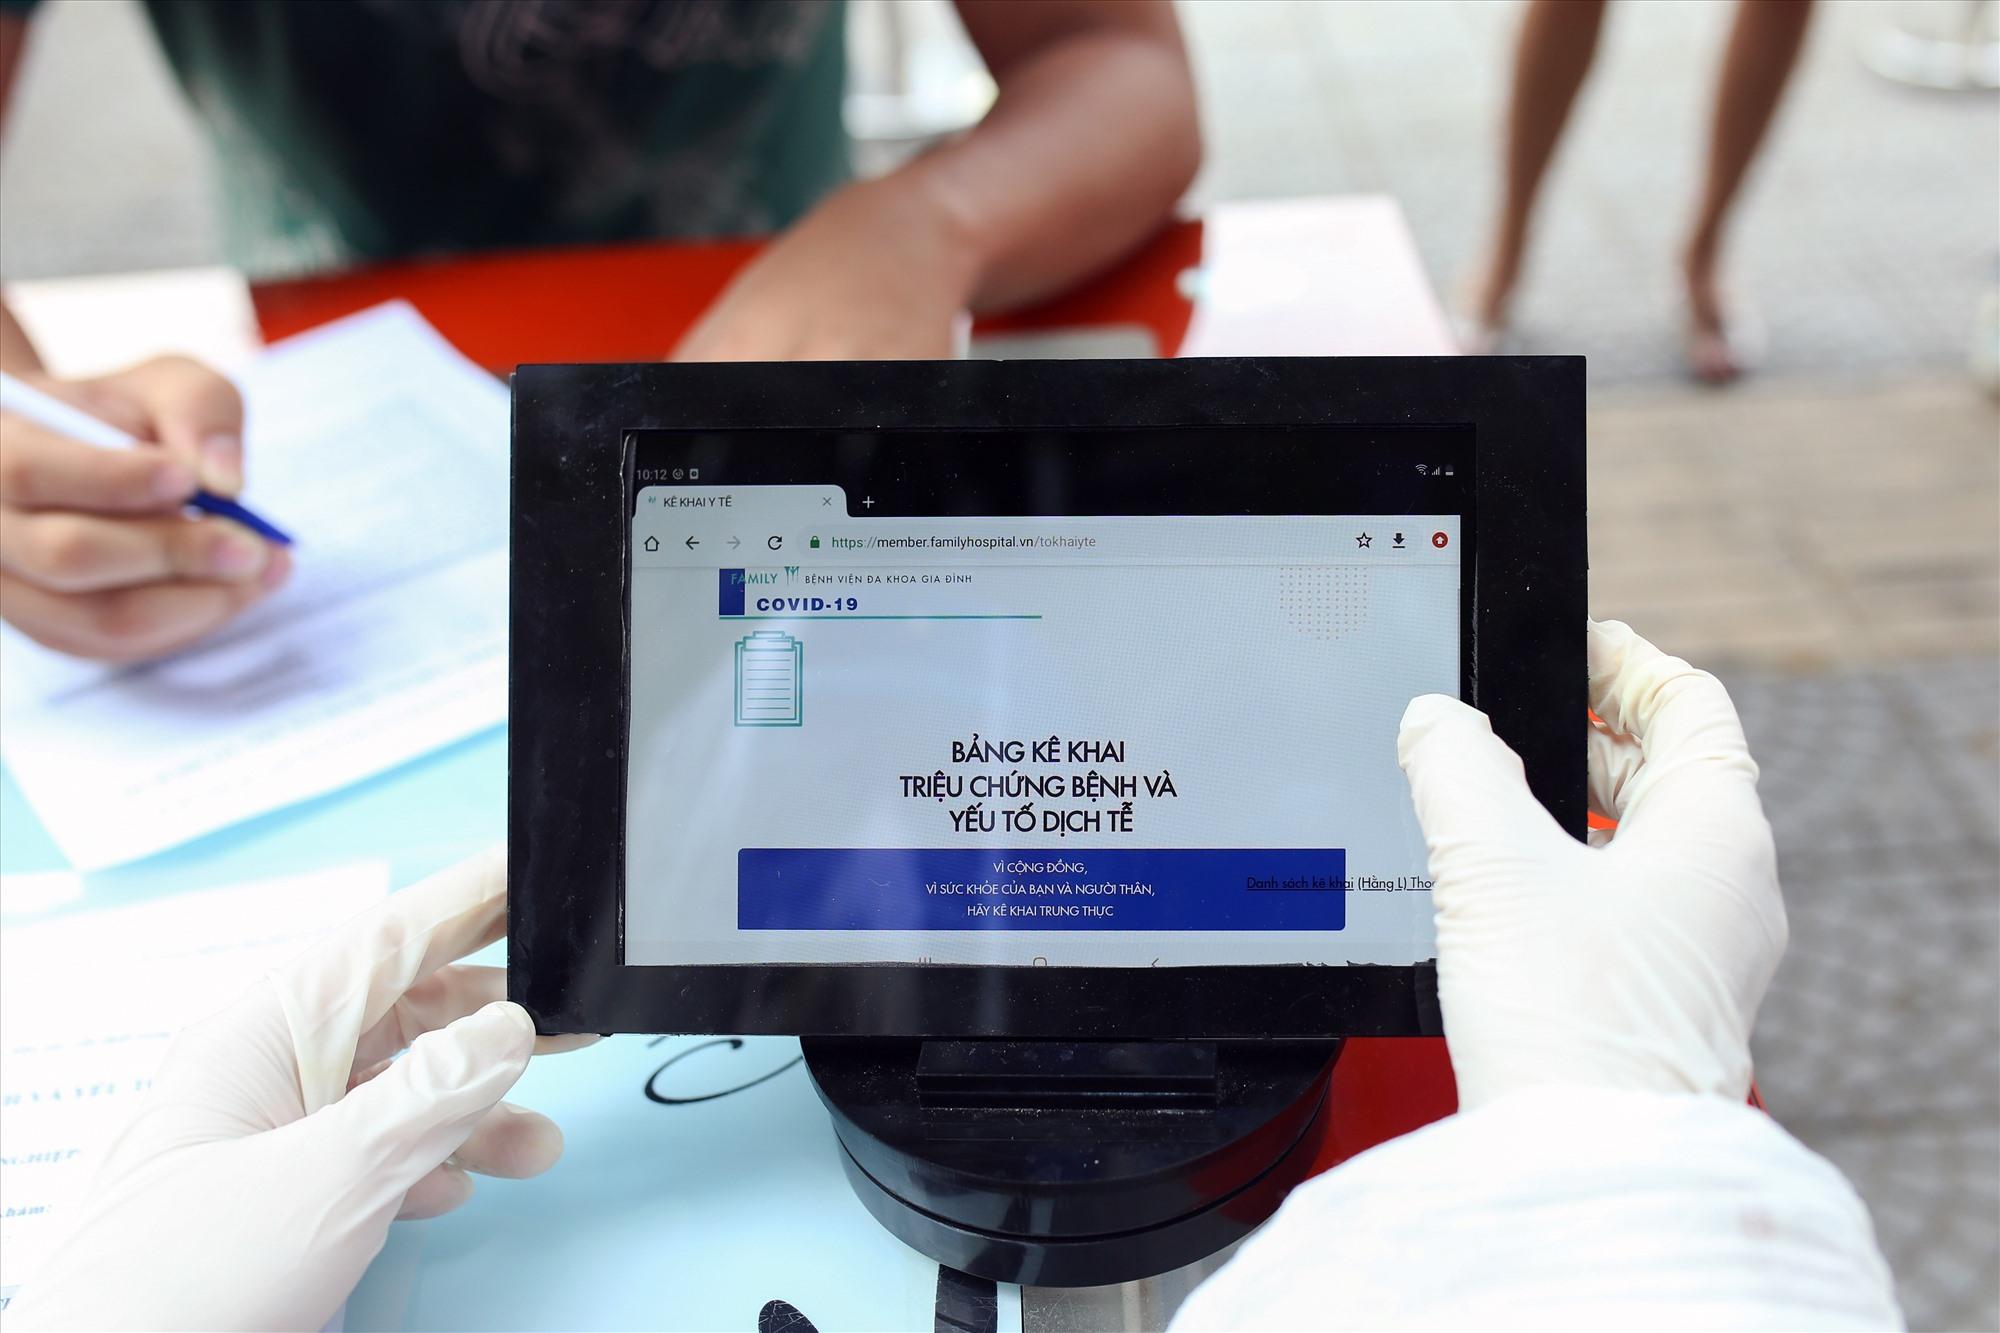 Thông qua ứng dụng, website khai báo y tế , việc theo dõi thông tin bệnh nhân được kiểm soát và lưu trữ dễ dàng